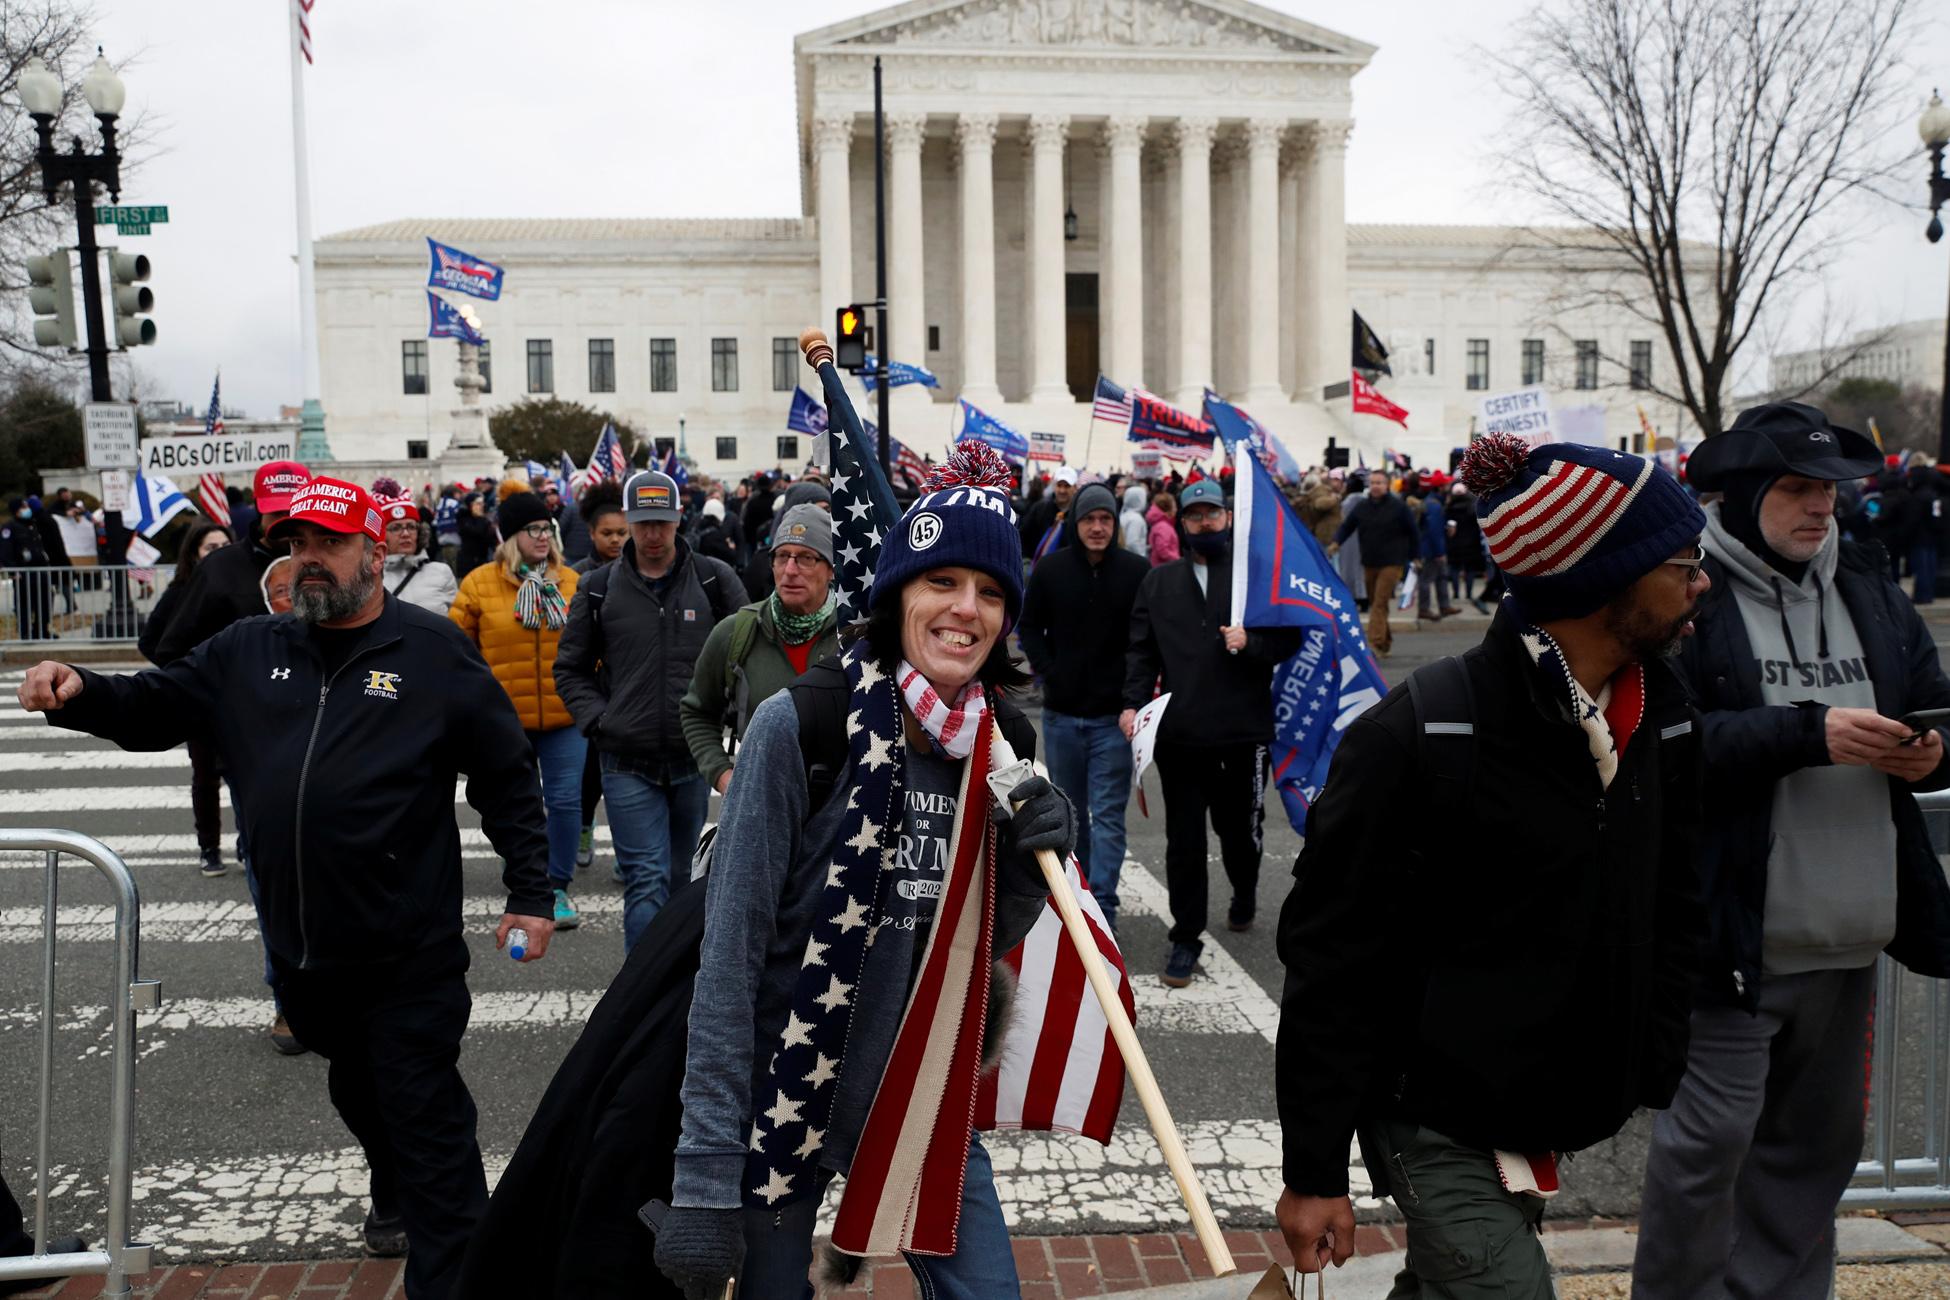 Τραμπ: Χιλιάδες υποστηρικτές του θα διαδηλώσουν στην Ουάσιγκτον για νοθεία στις εκλογές